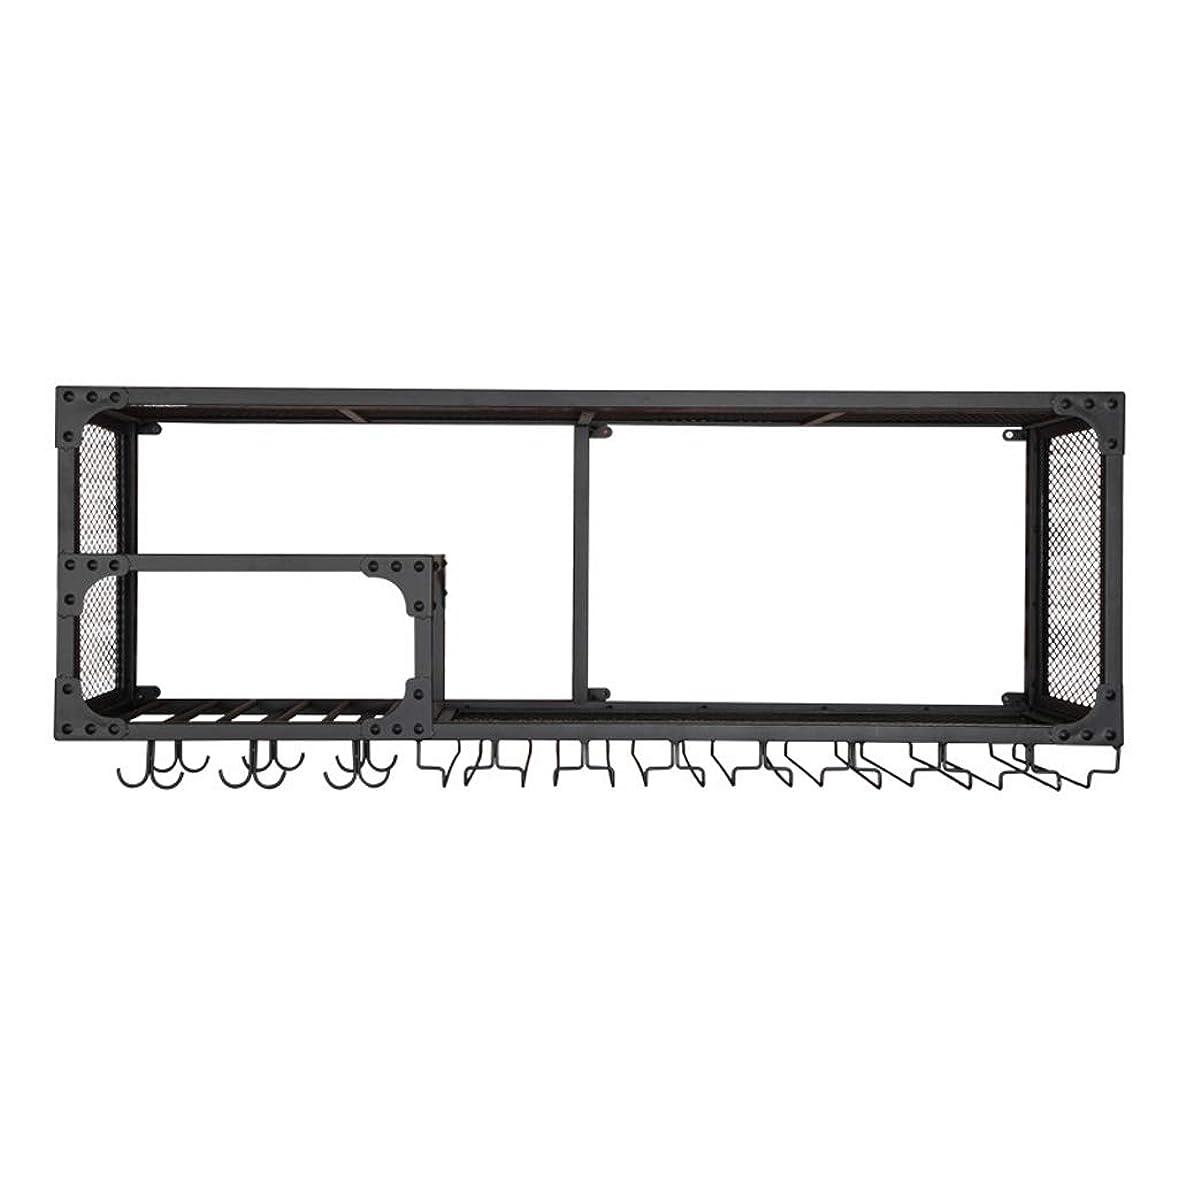 にもかかわらず事業内容役員LY バーワインラック壁掛けシンプルハンギングワインラックワインキャビネット壁掛けカップラックバー逆さま、長さ120 cm x幅30 cm x高さ45 cm